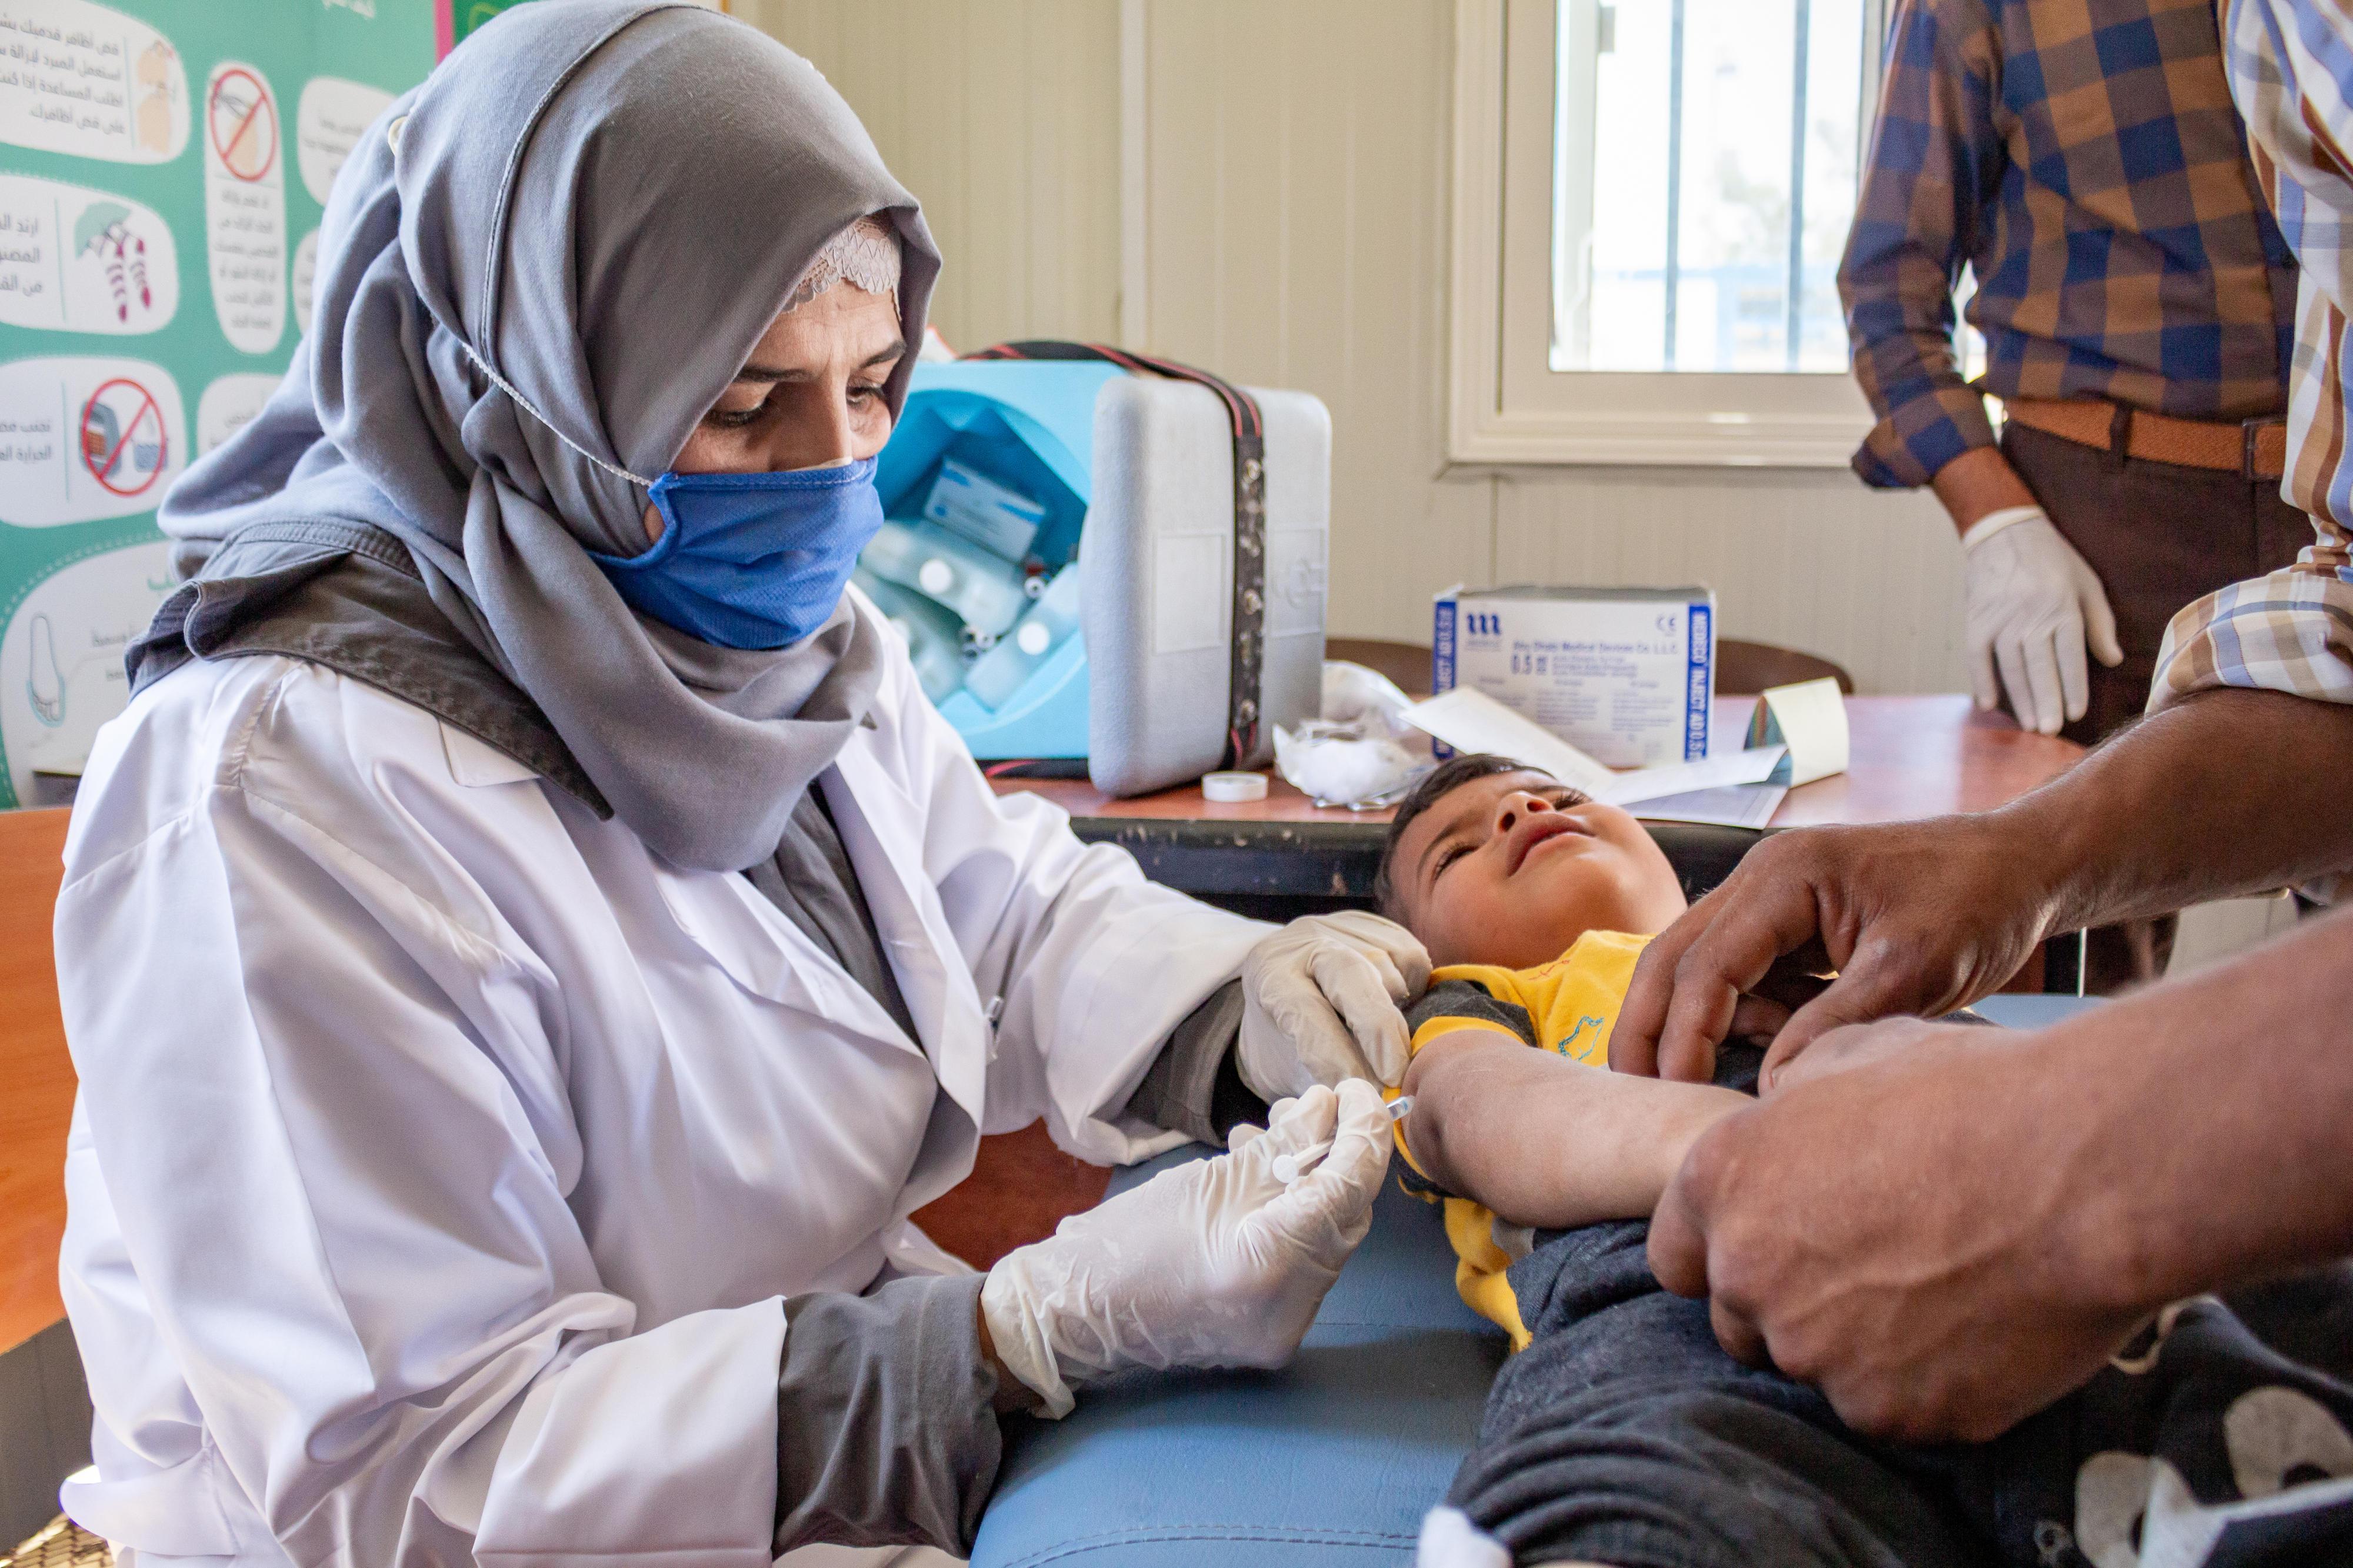 Ein Kind erhält eine Impfung in einer von UNICEF unterstützten Klinik in Dayr Hafir, im Osten des ländlichen Aleppo in Syrien.